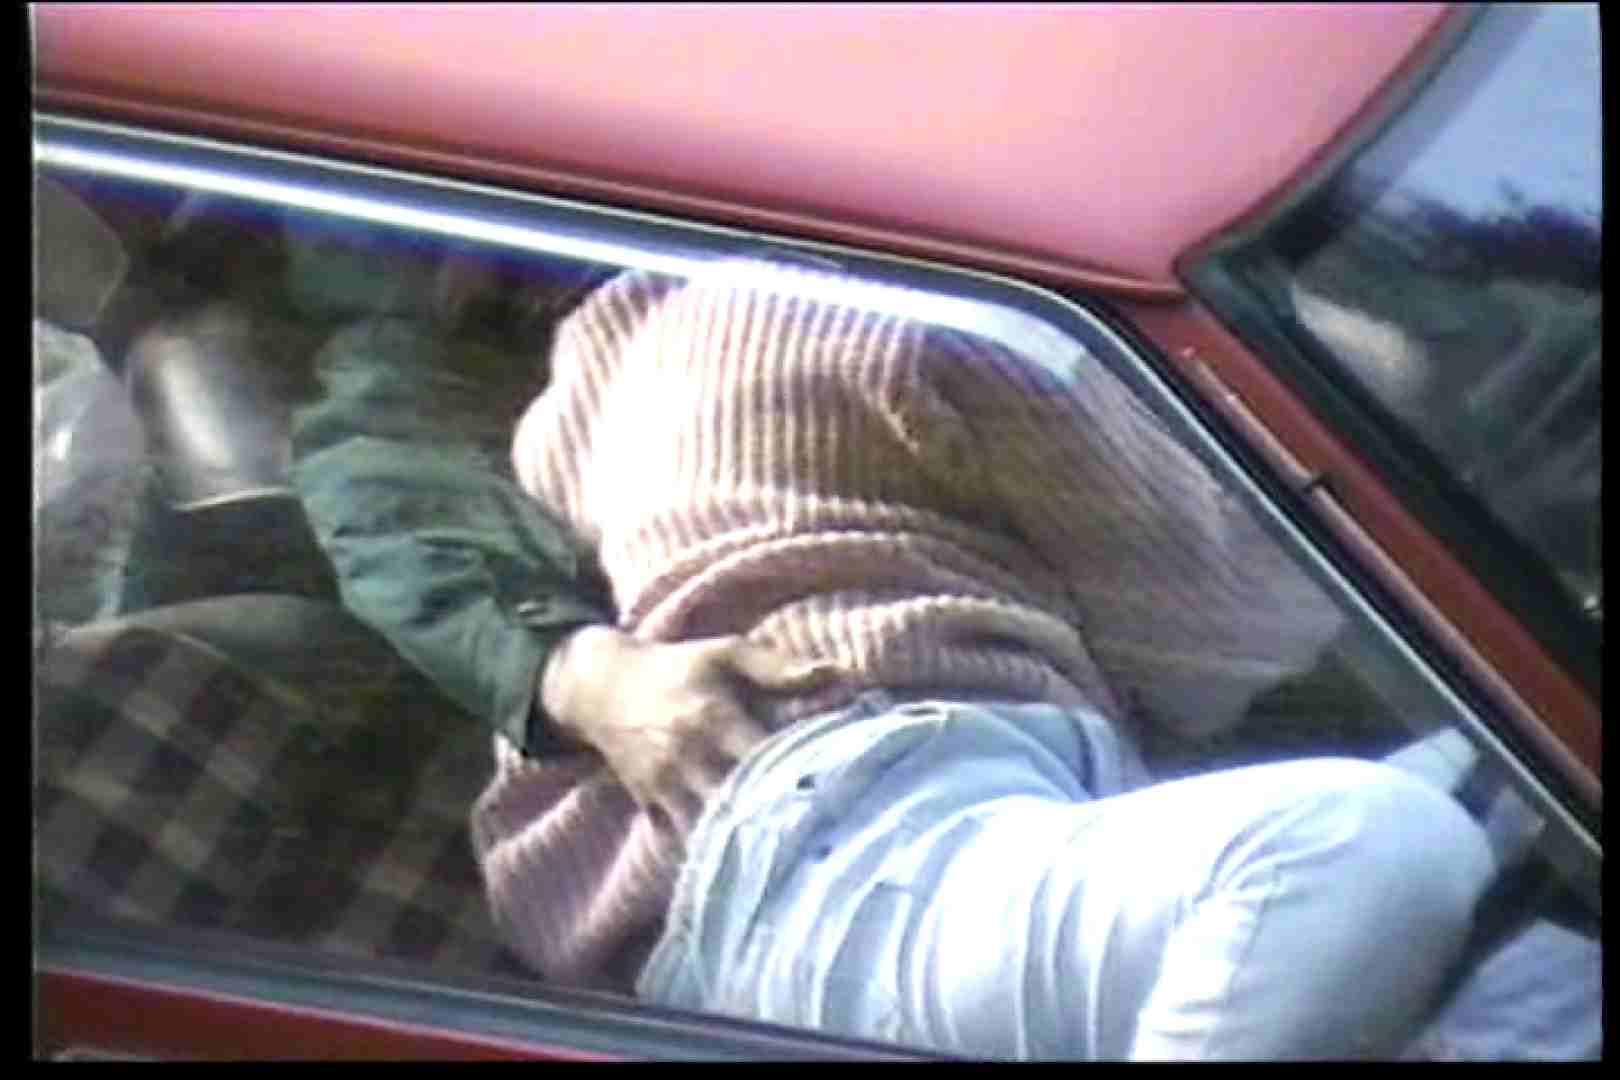 車の中はラブホテル 無修正版  Vol.12 ホテル隠し撮り すけべAV動画紹介 87pic 13